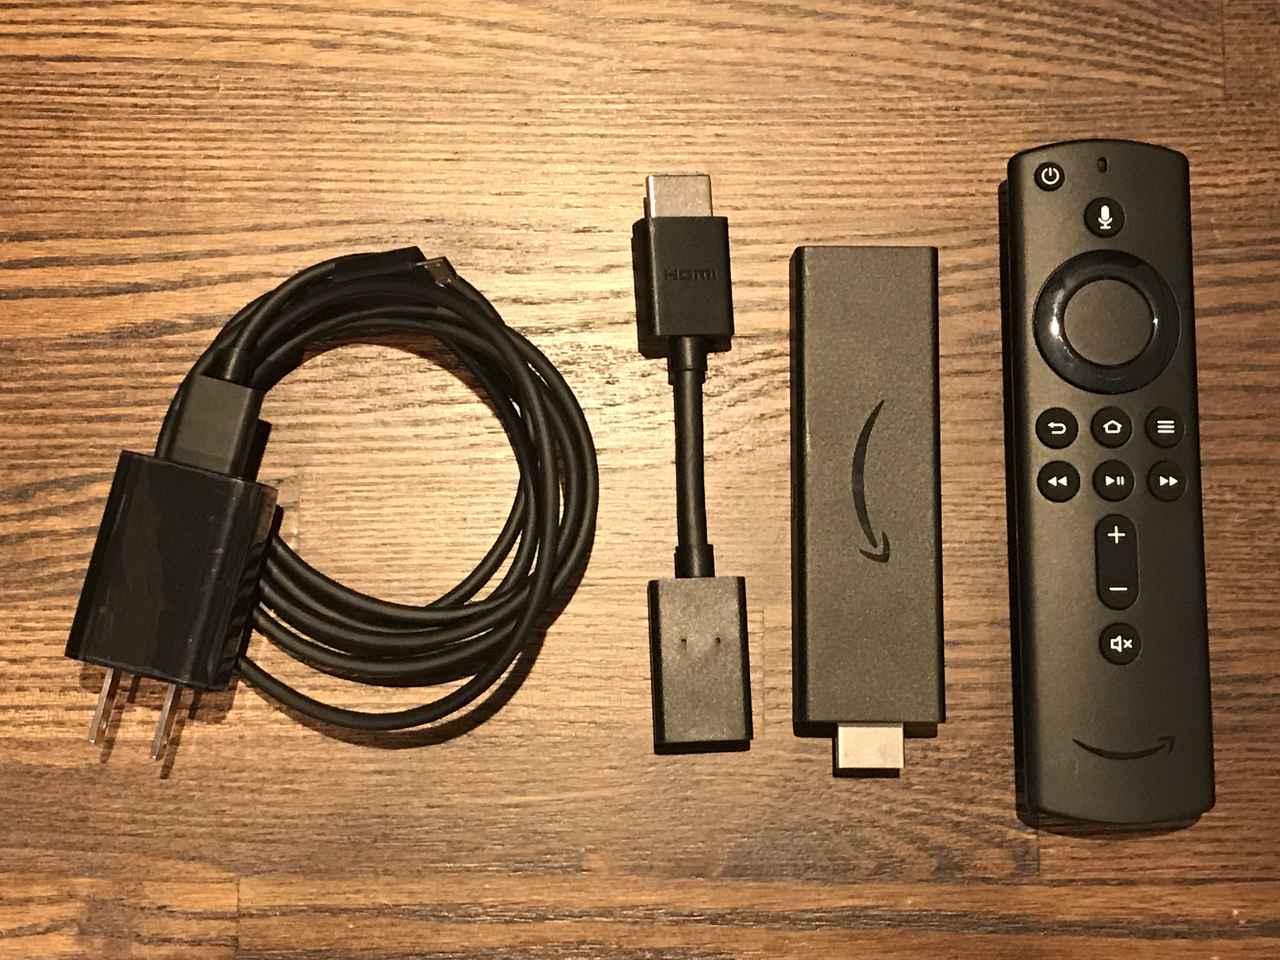 画像: Fire TV stick 4Kの内容物。右からリモコン、Fire TV stick 4K本体、HDMI延長ケーブル、ACアダプター。